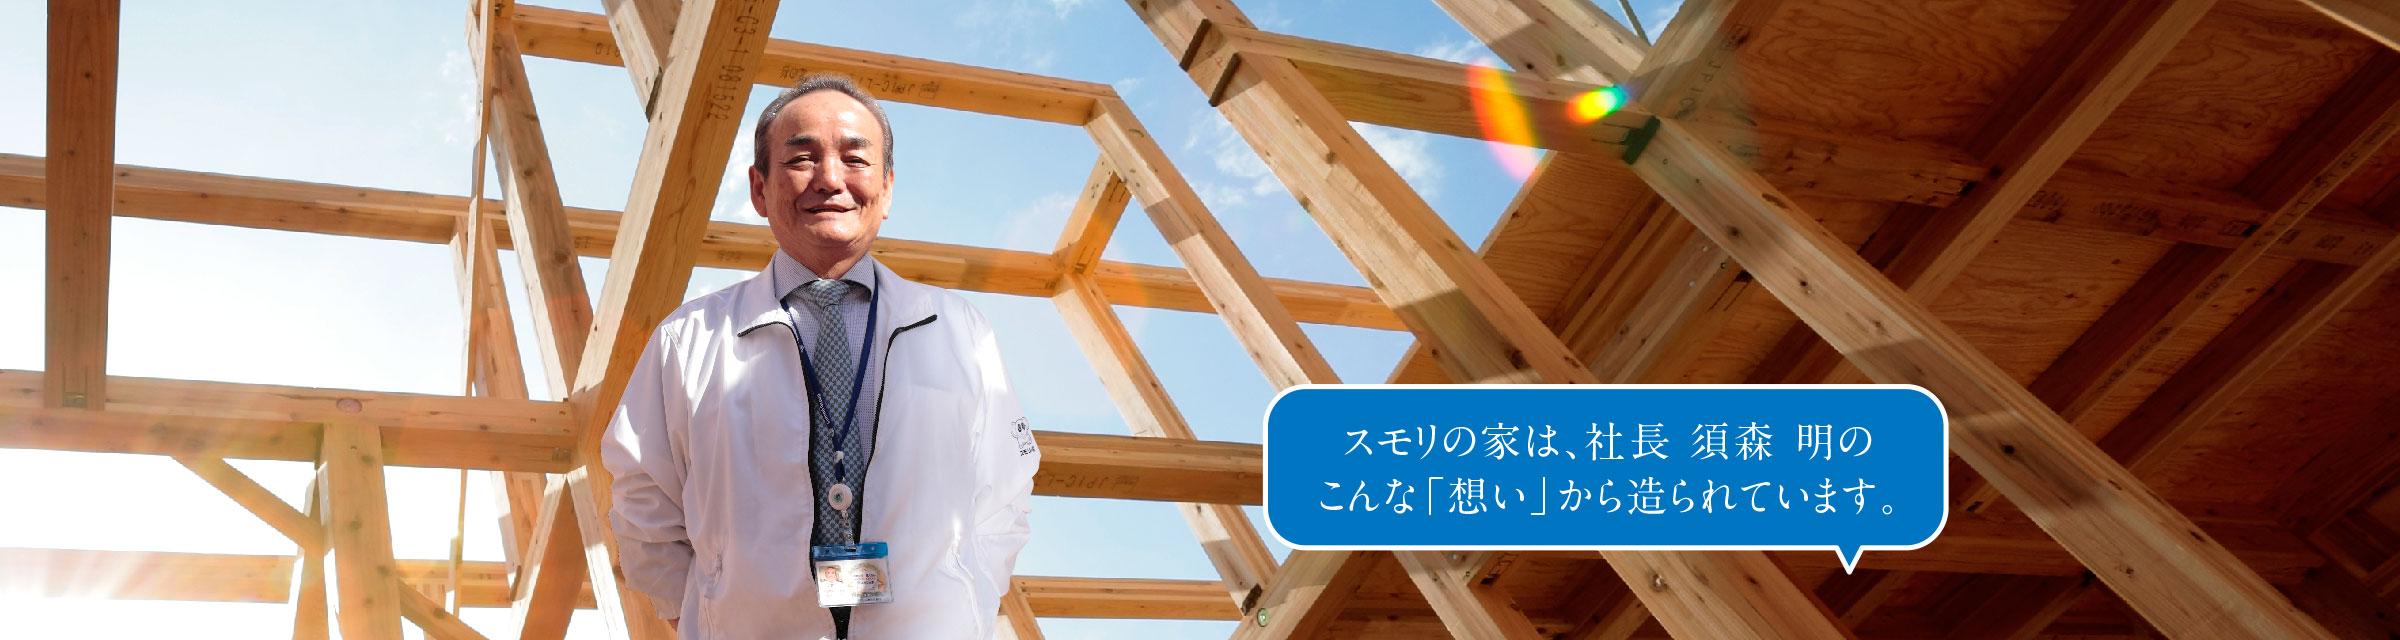 スモリの家は、社長 須森 明のこんな「想い」から造られています。